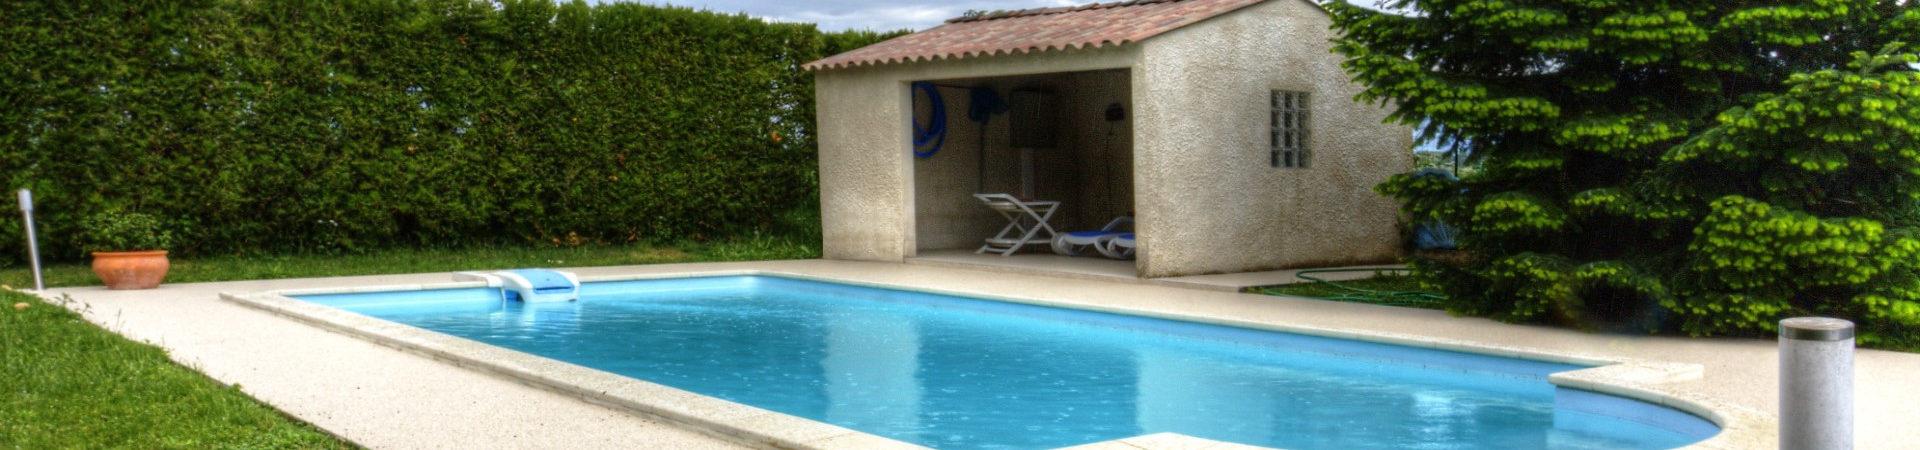 Plages de piscine - terrasses - allées de jardin